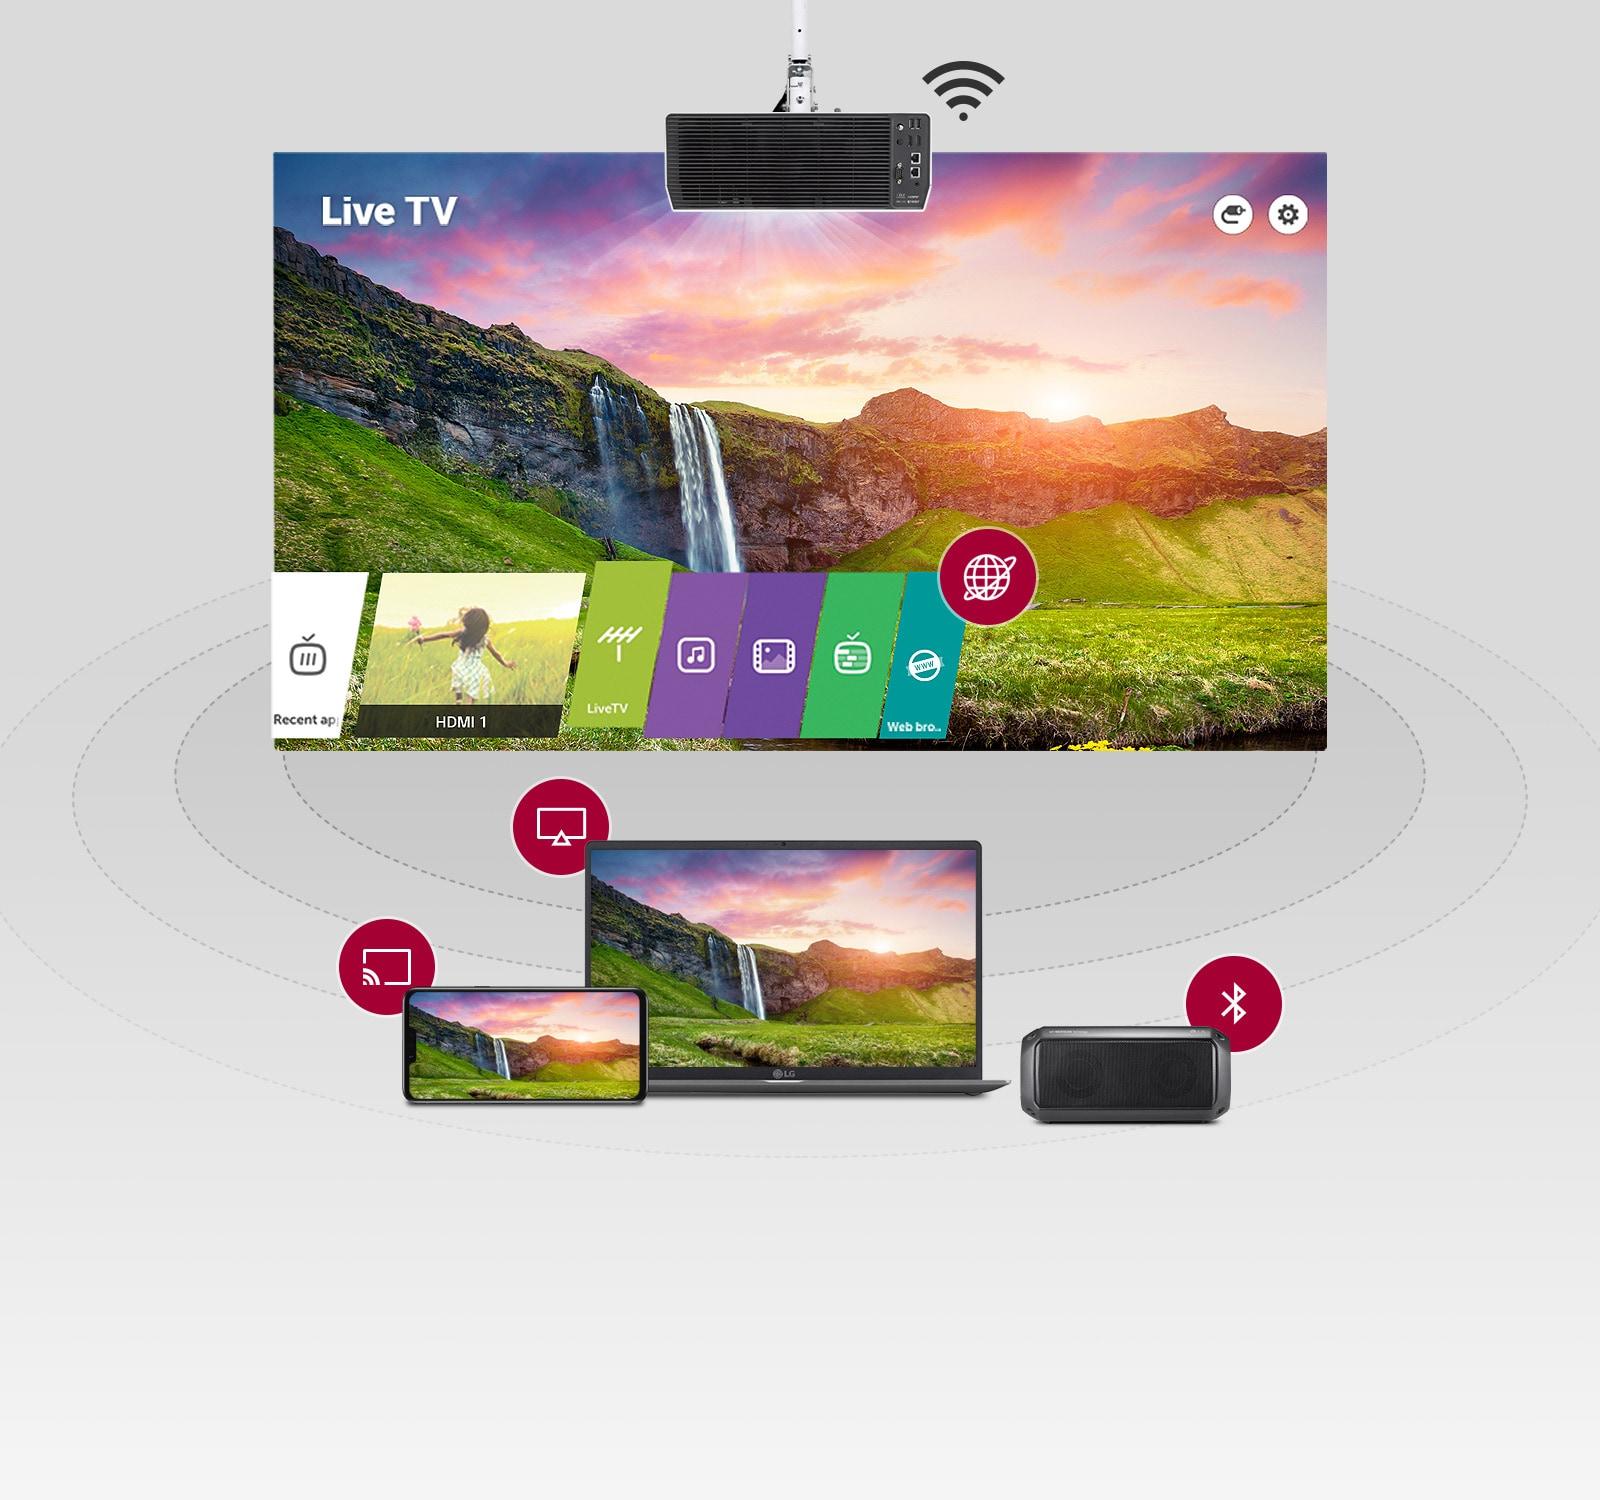 Yansýtma, Miracast ve Bluetooth eþleþtirme yoluyla diðer cihazlara baðlanarak projektörde canlý TV izleyebilirsiniz.